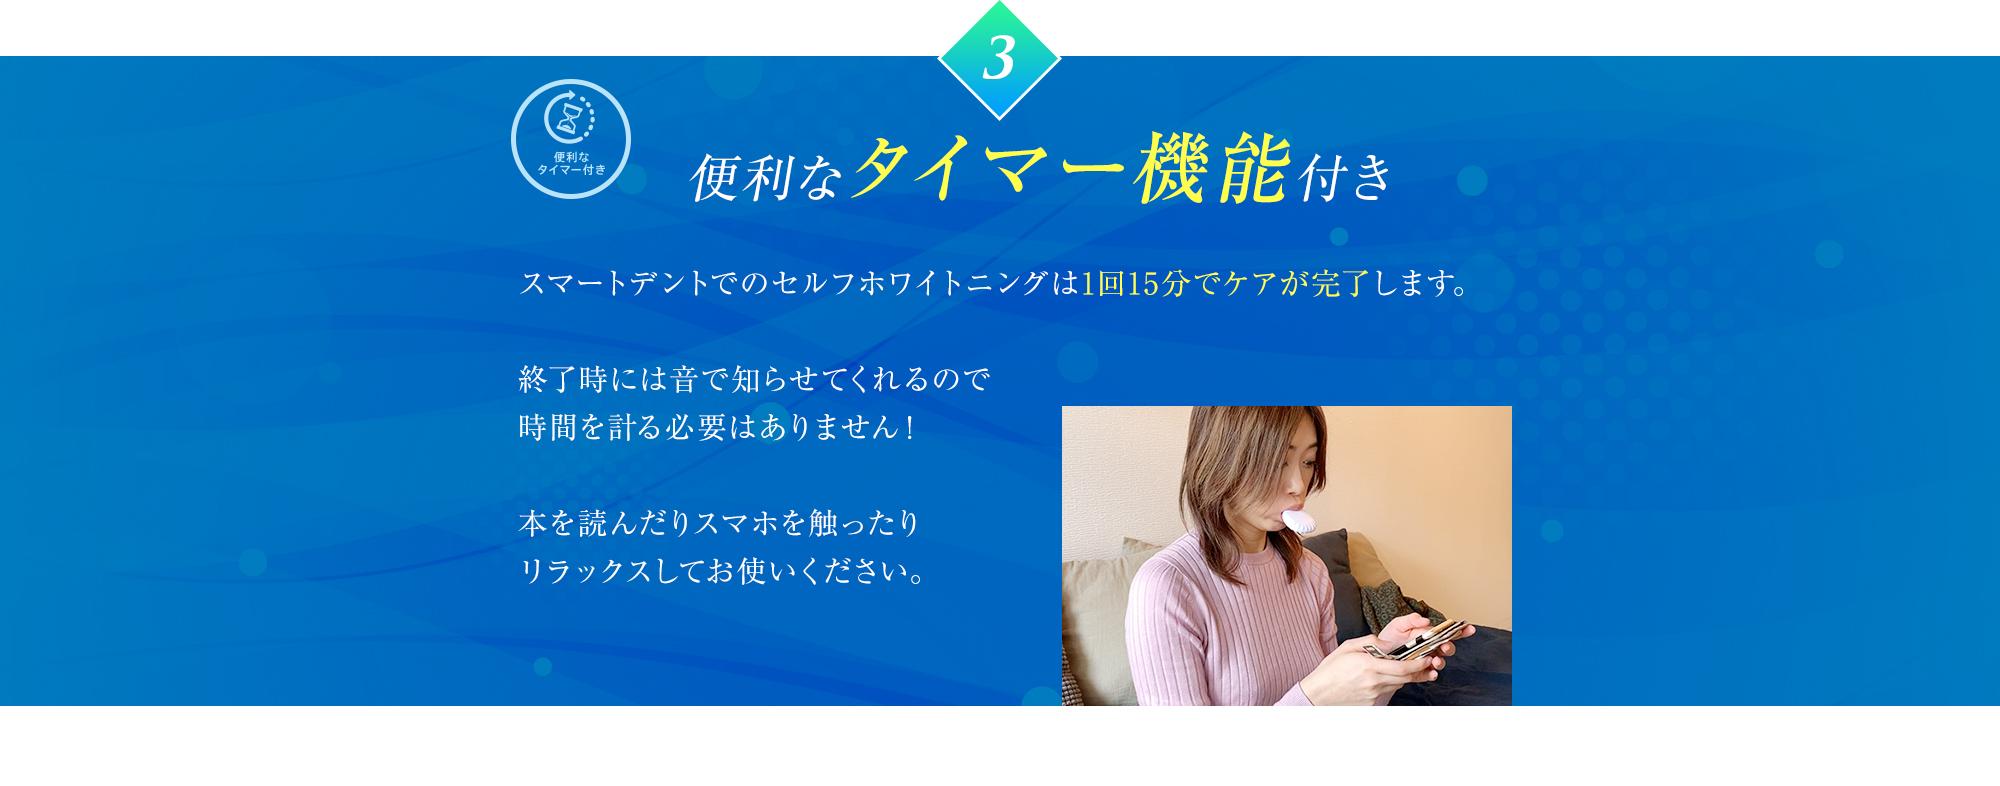 (3)便利なタイマー機能付き